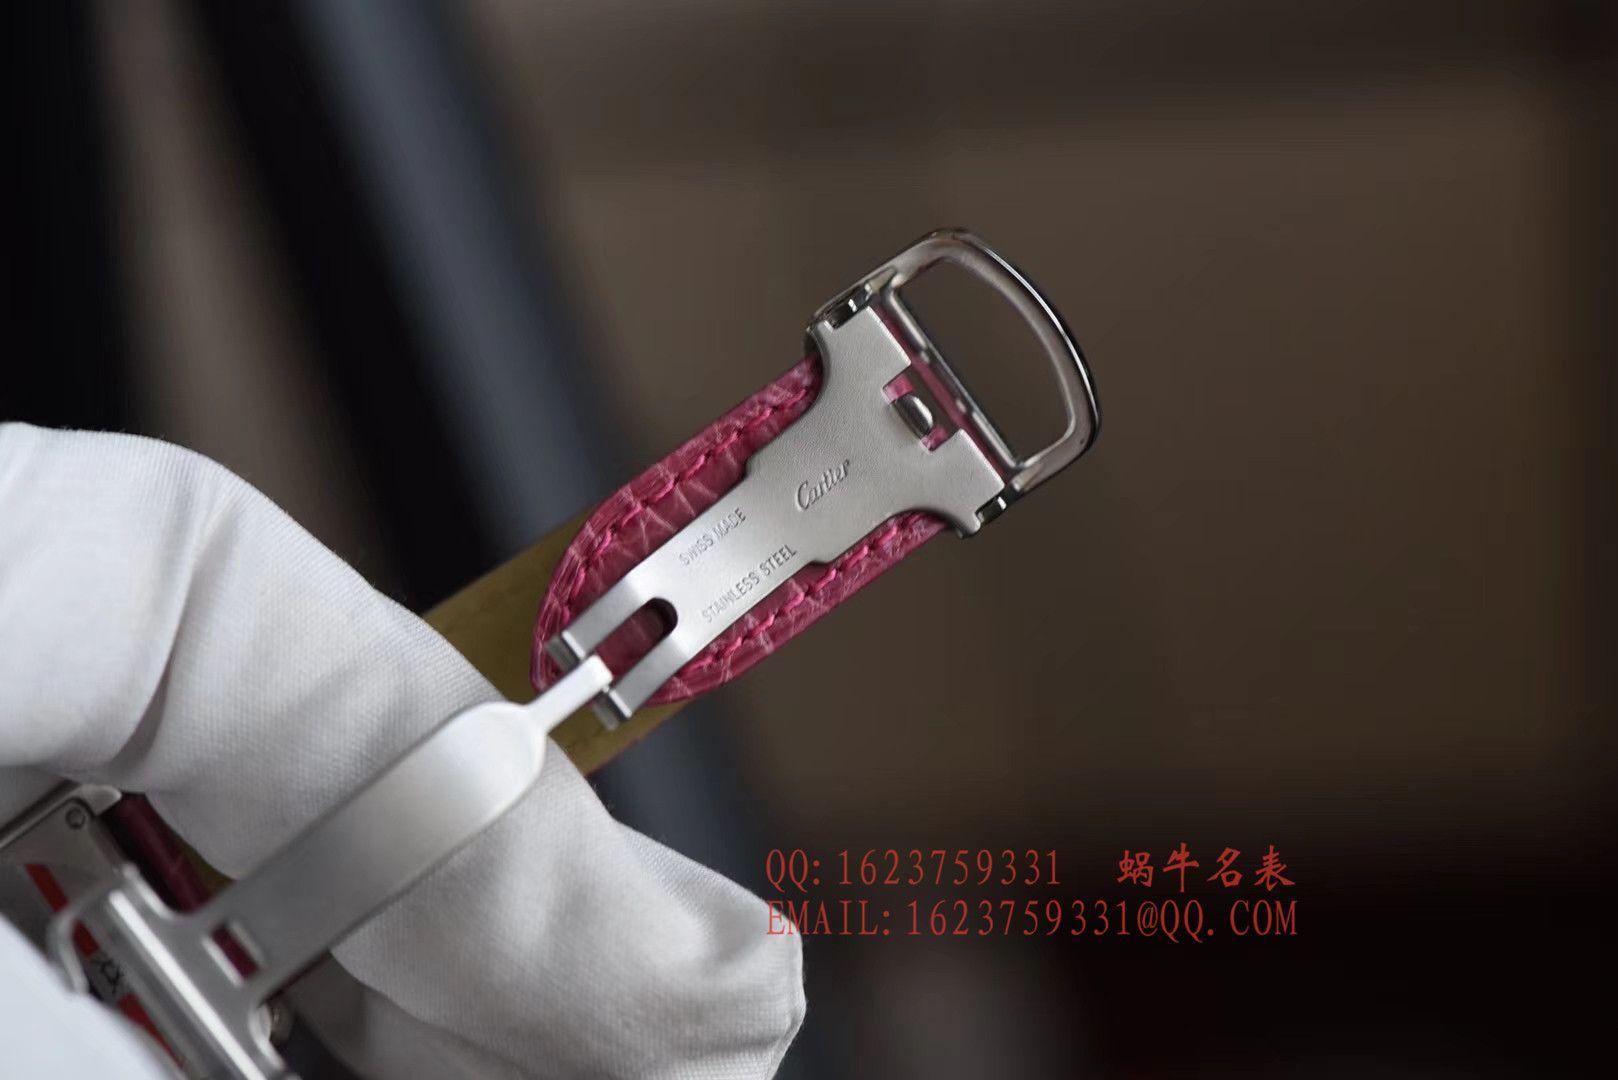 【独家视频测评K11厂一比一超A高仿手表】卡地亚坦克系列 W5200000 粉色女士石英腕表 / KAD008